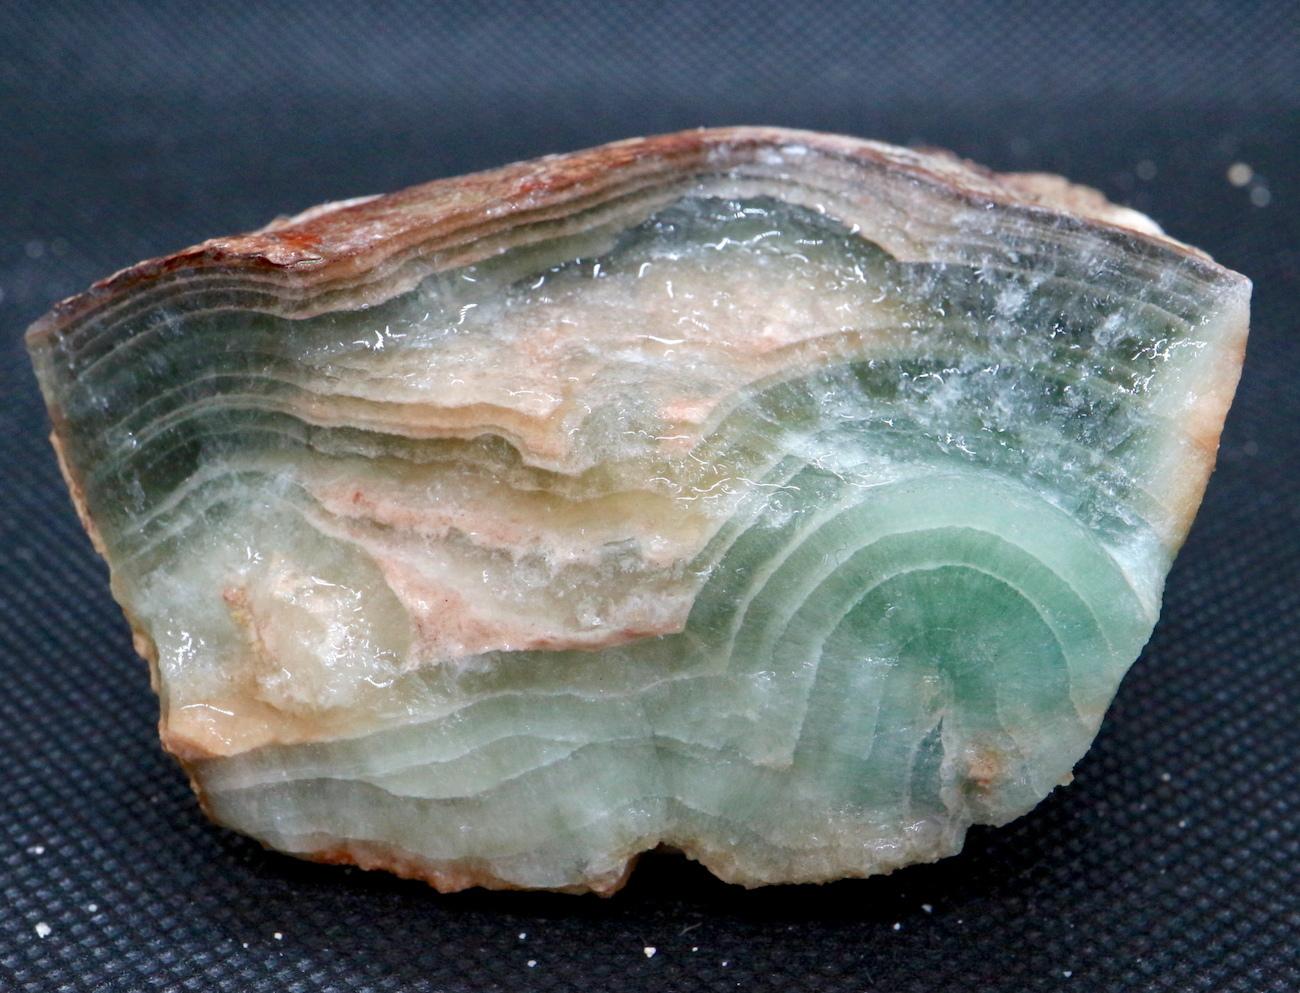 自主採掘!カリフォルニア産 フローライト 蛍石 原石 233g  FL024 鉱物 天然石 パワーストーン